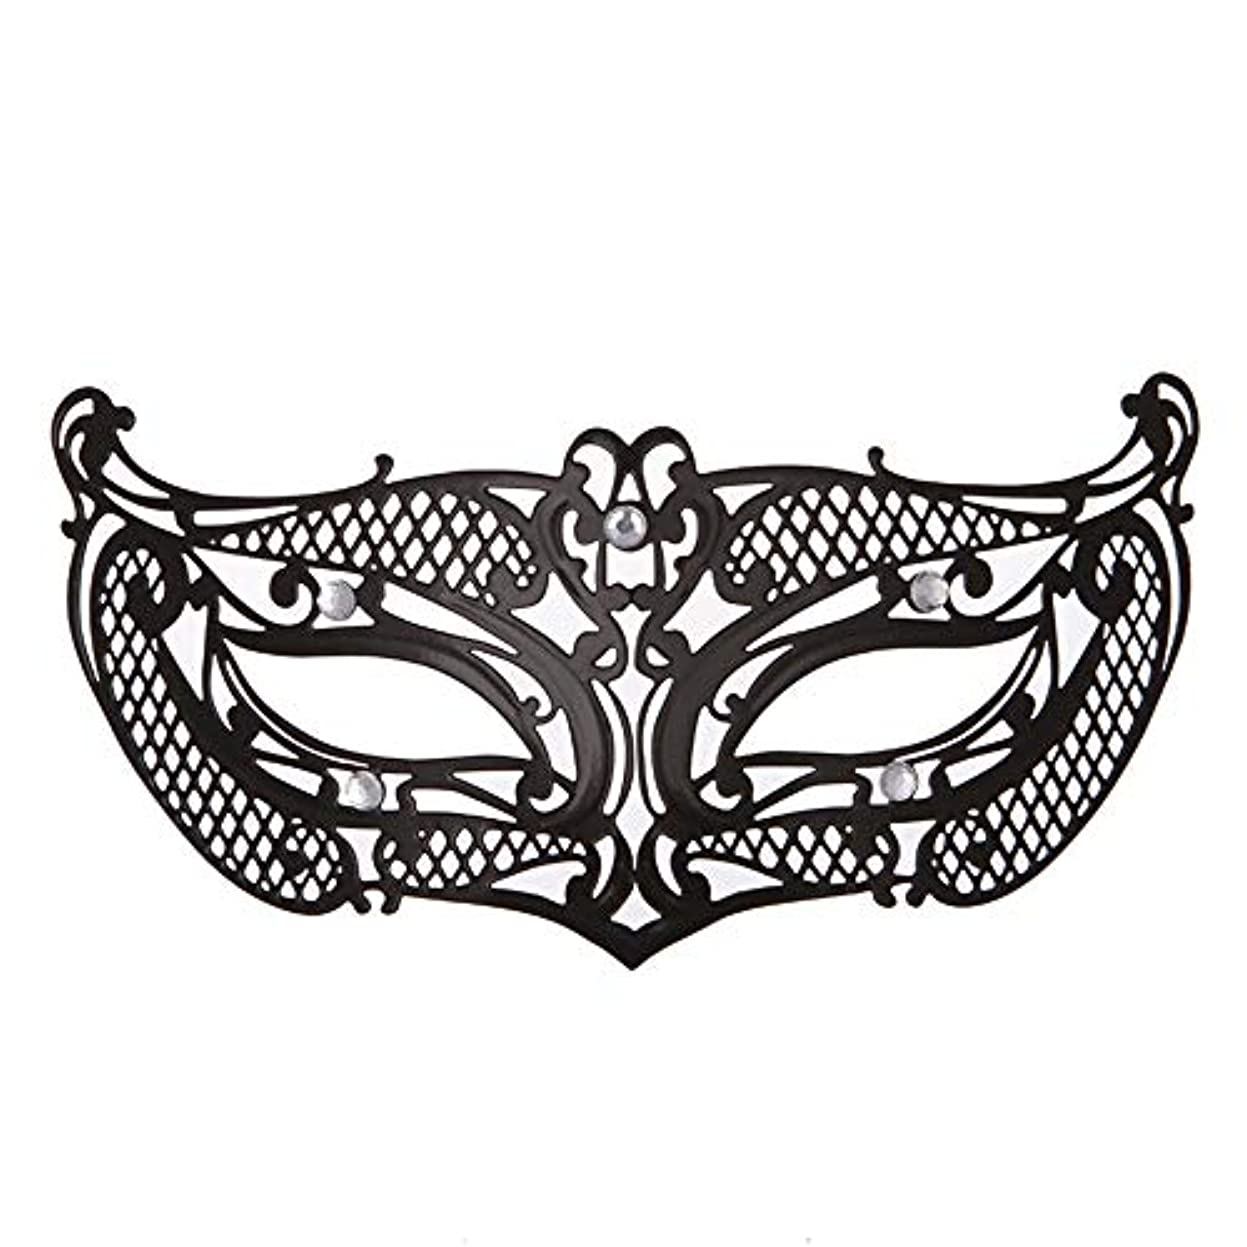 息切れアボートバスタブダンスマスク アイアンメタリックレースとダイヤモンドハーフマスクハロウィンダンスマスクナイトクラブボールマスクコスプレパーティーハロウィンマスク ホリデーパーティー用品 (色 : ブラック, サイズ : 19x8cm)